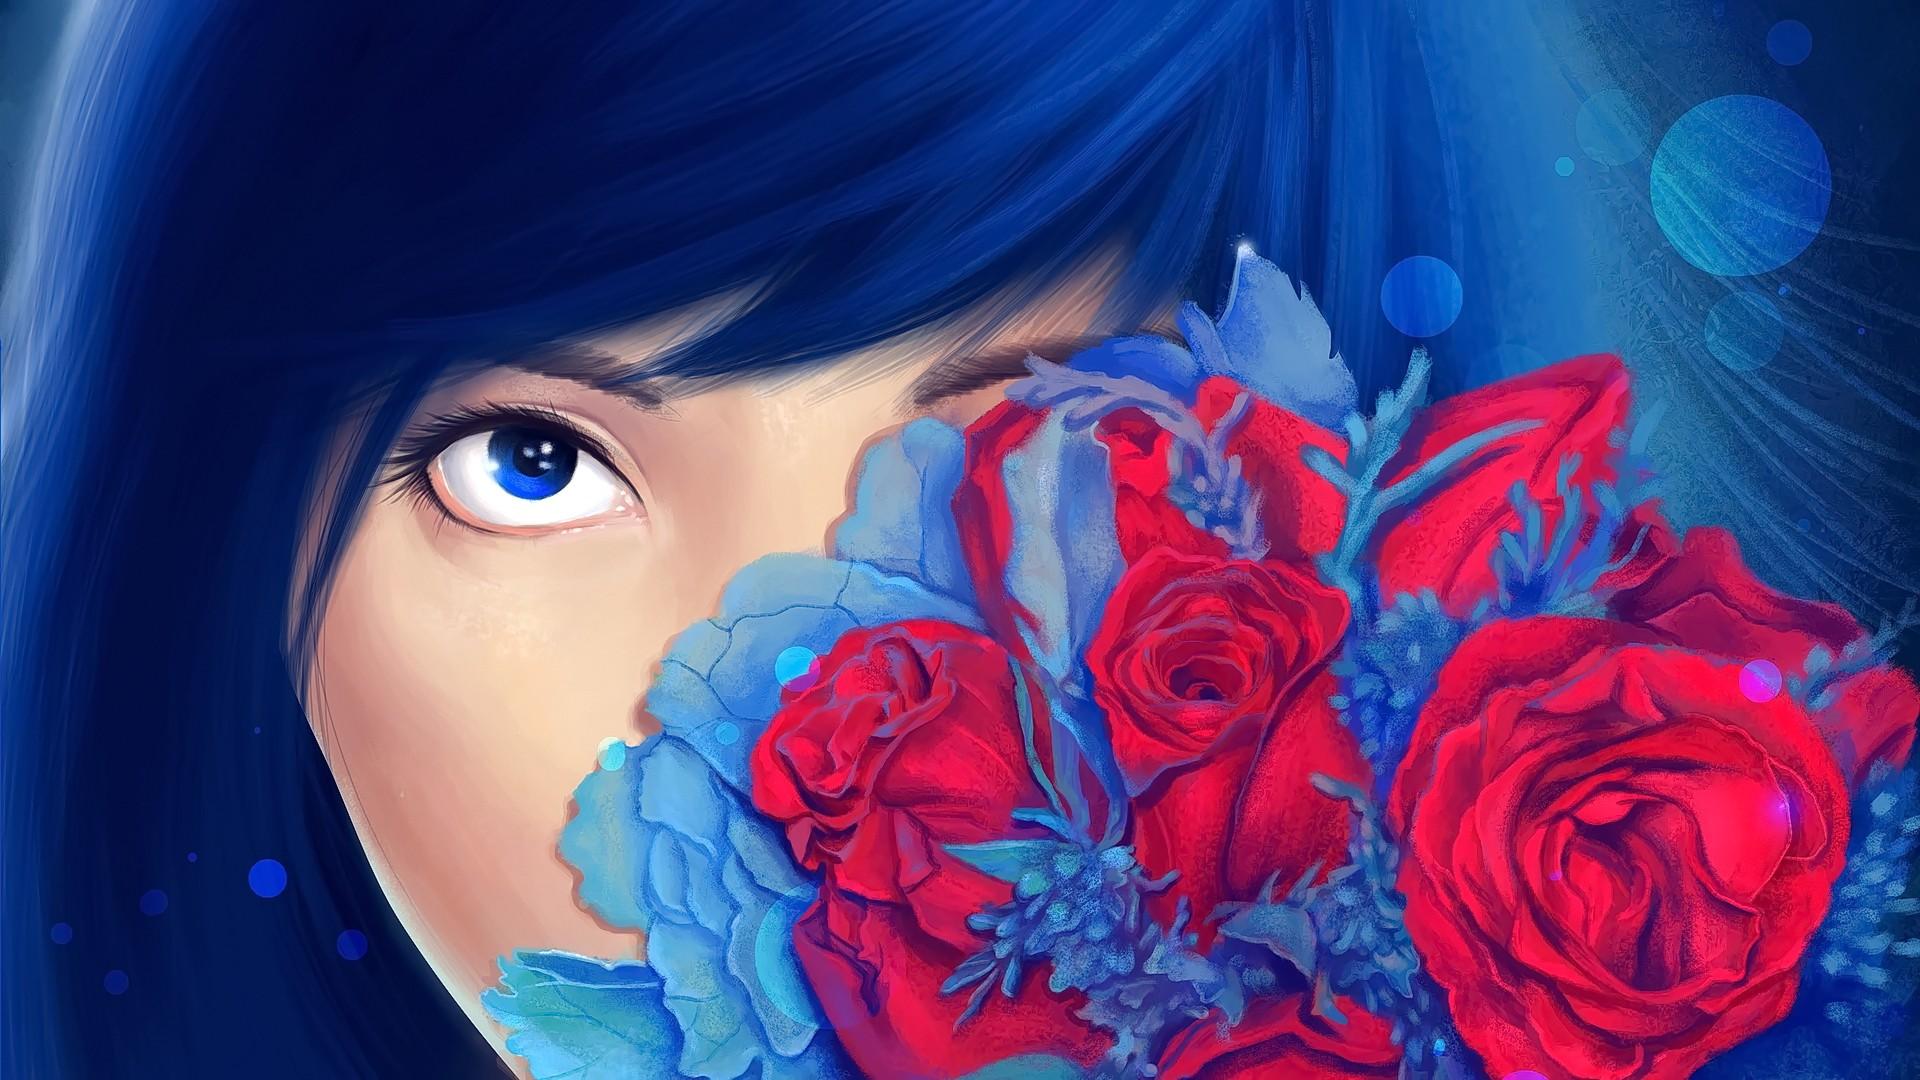 вытягивает картинки в красно синей гамме нашел один